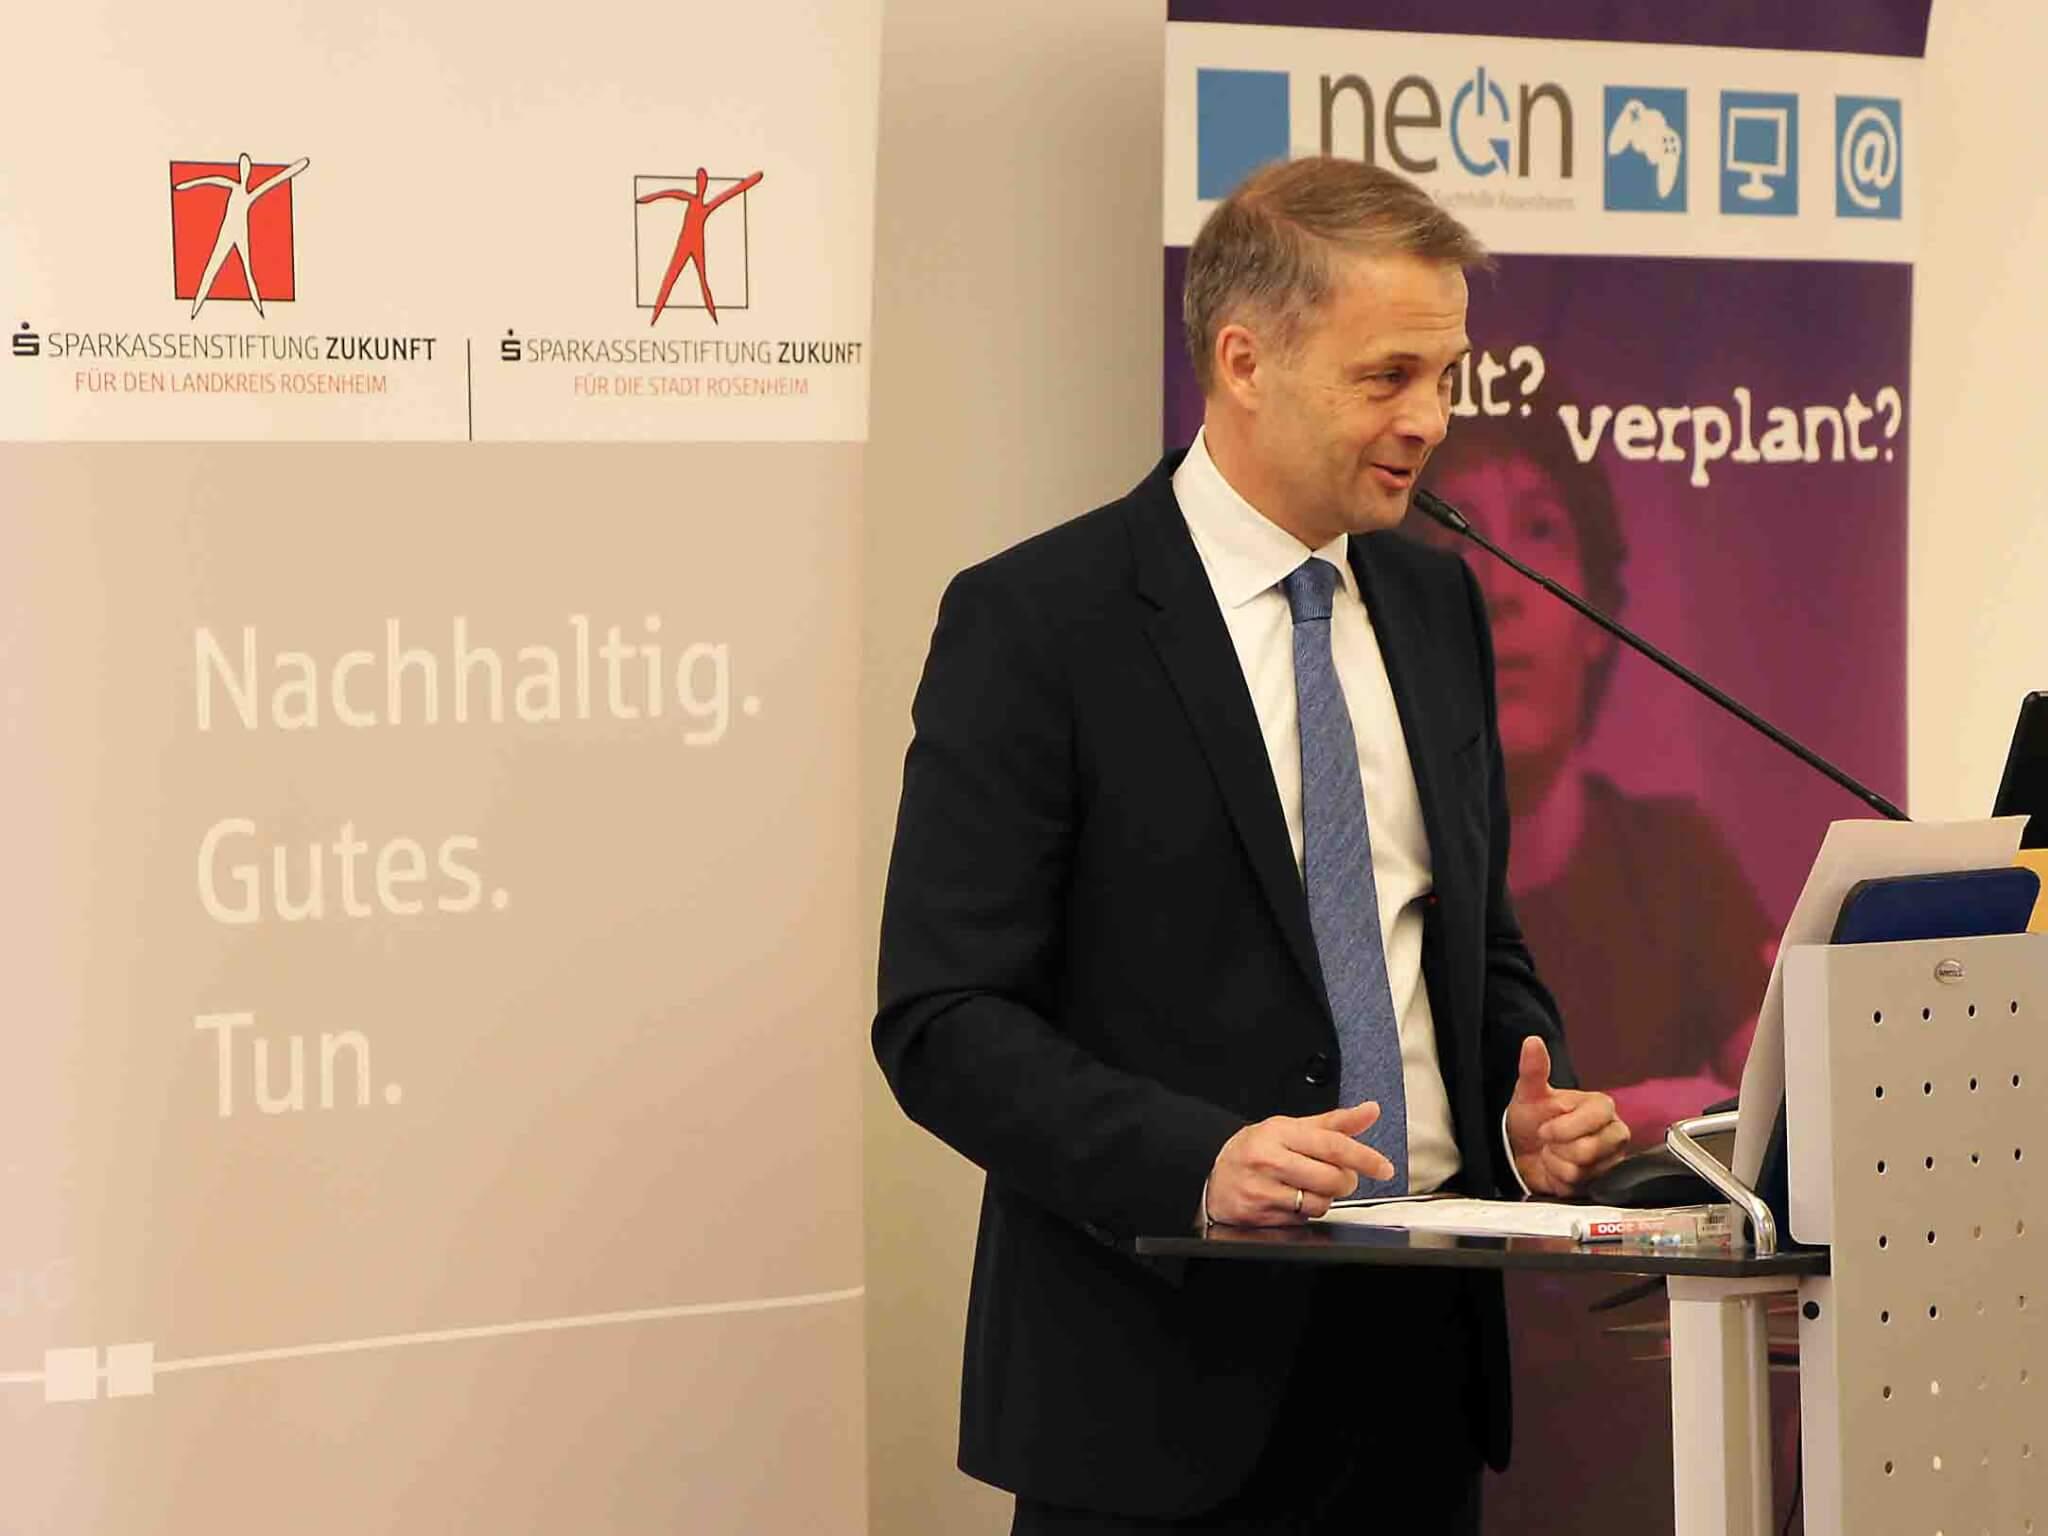 Karl Göpfert, Vorstandsmitglied der Sparkassenstiftungen Zukunft, begrüßte die zahlreichen Gäste.